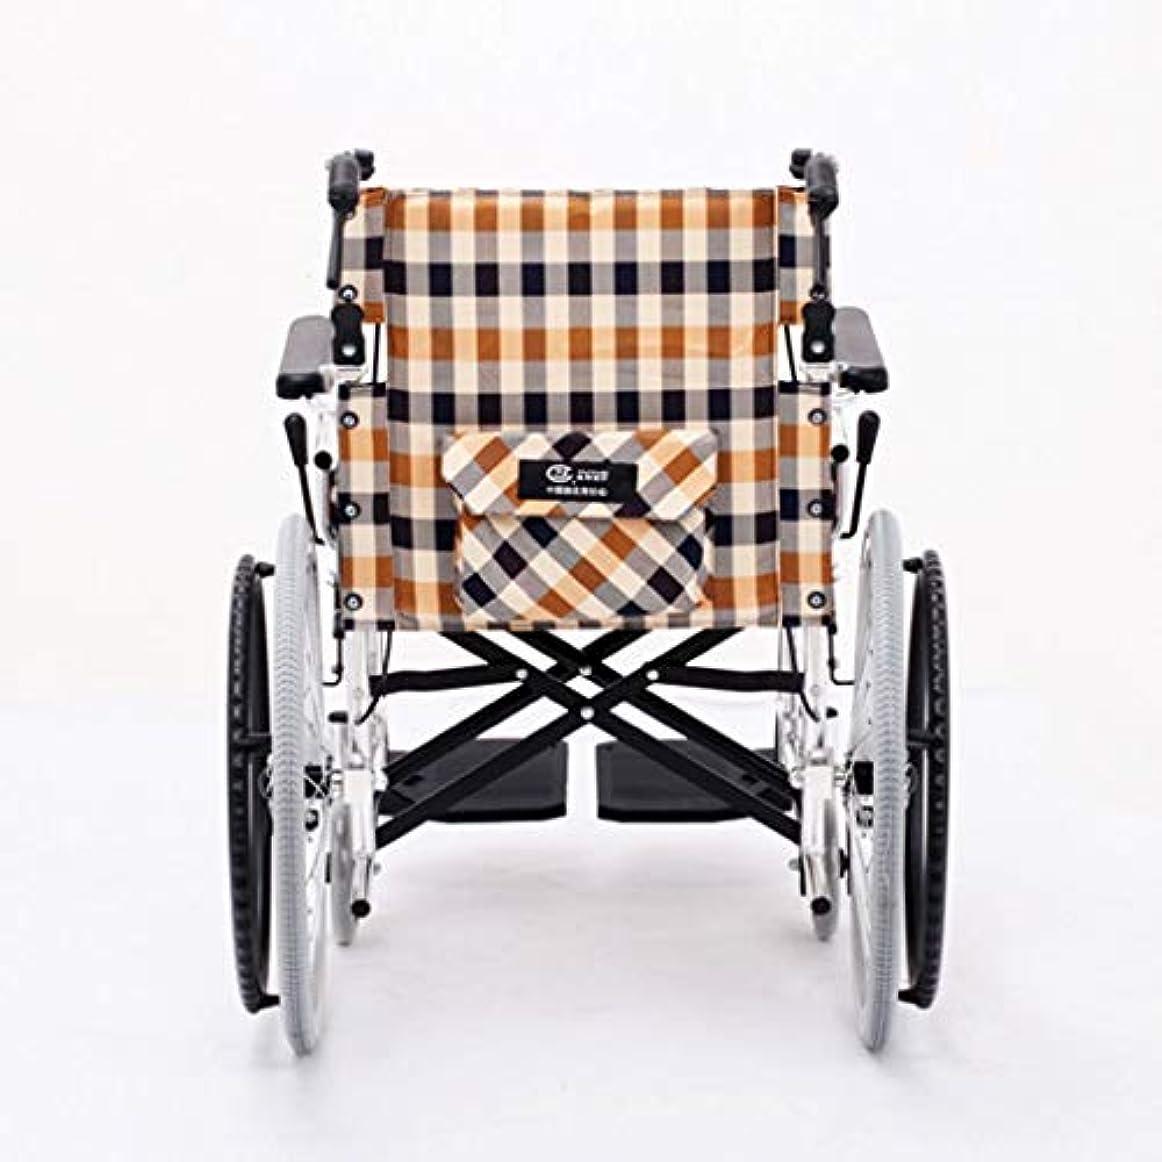 代表して座標戦術車椅子のアルミニウムフレームの障害者、高齢者およびリハビリテーションの患者のための高齢者の携帯用旅行車椅子